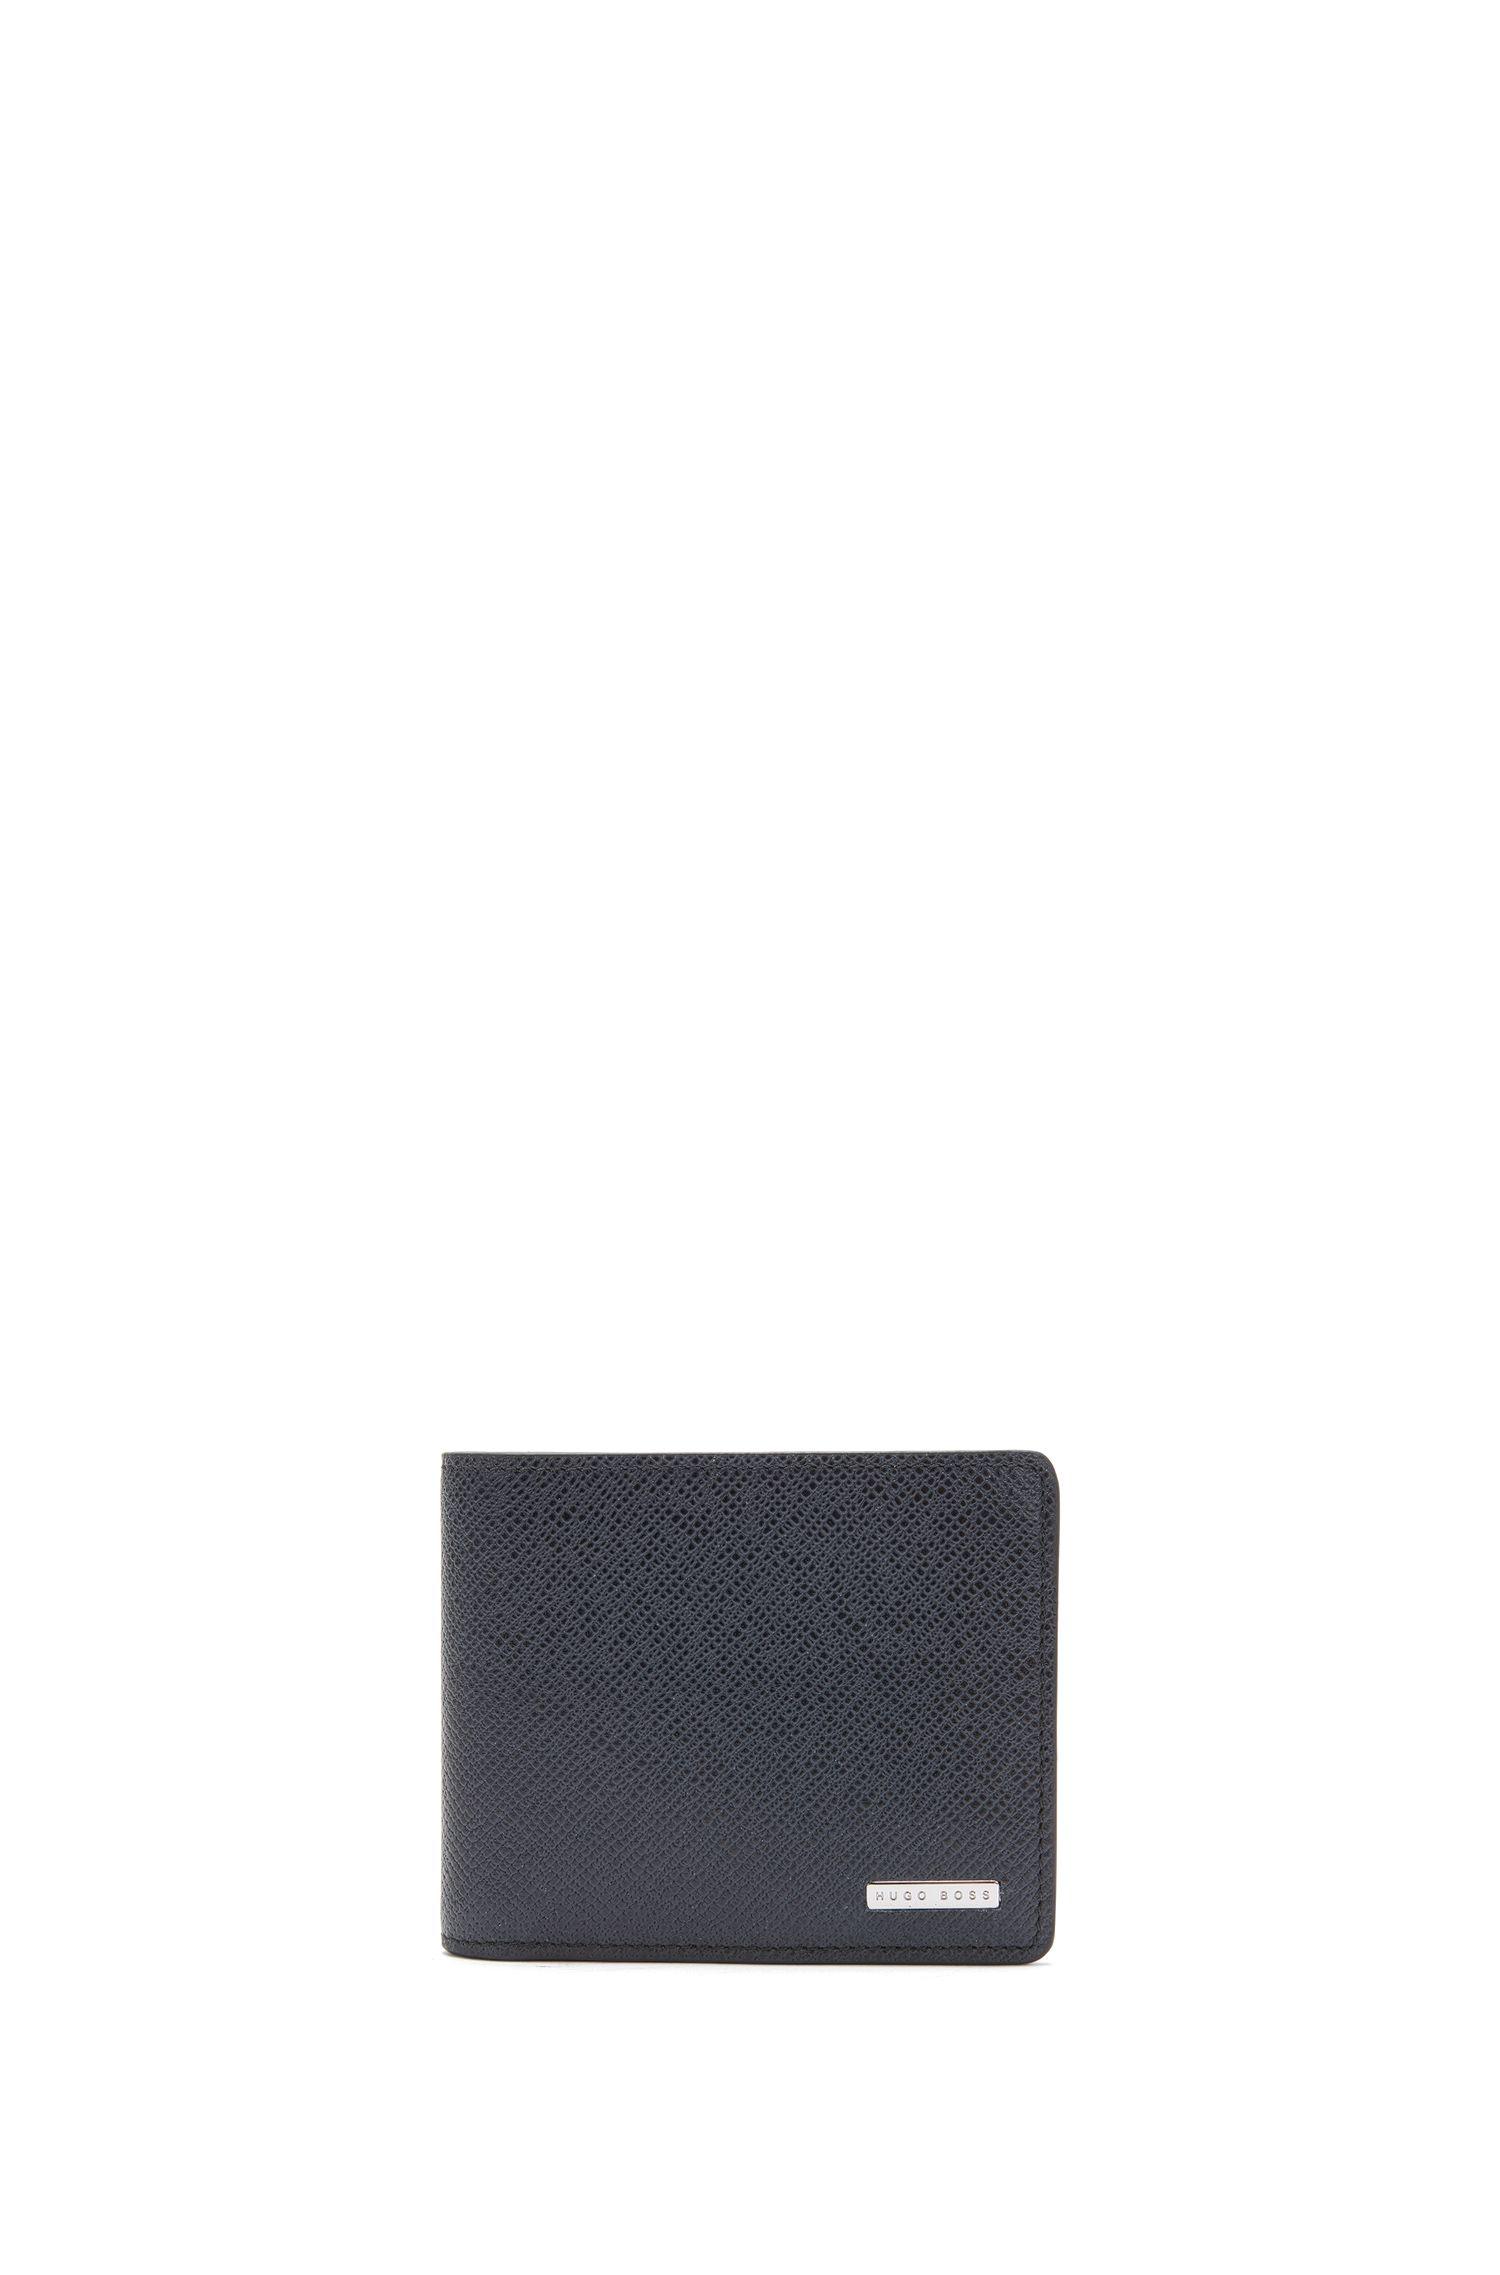 Tri-fold portefeuille van gestructureerd leer uit de Signature Collection van BOSS